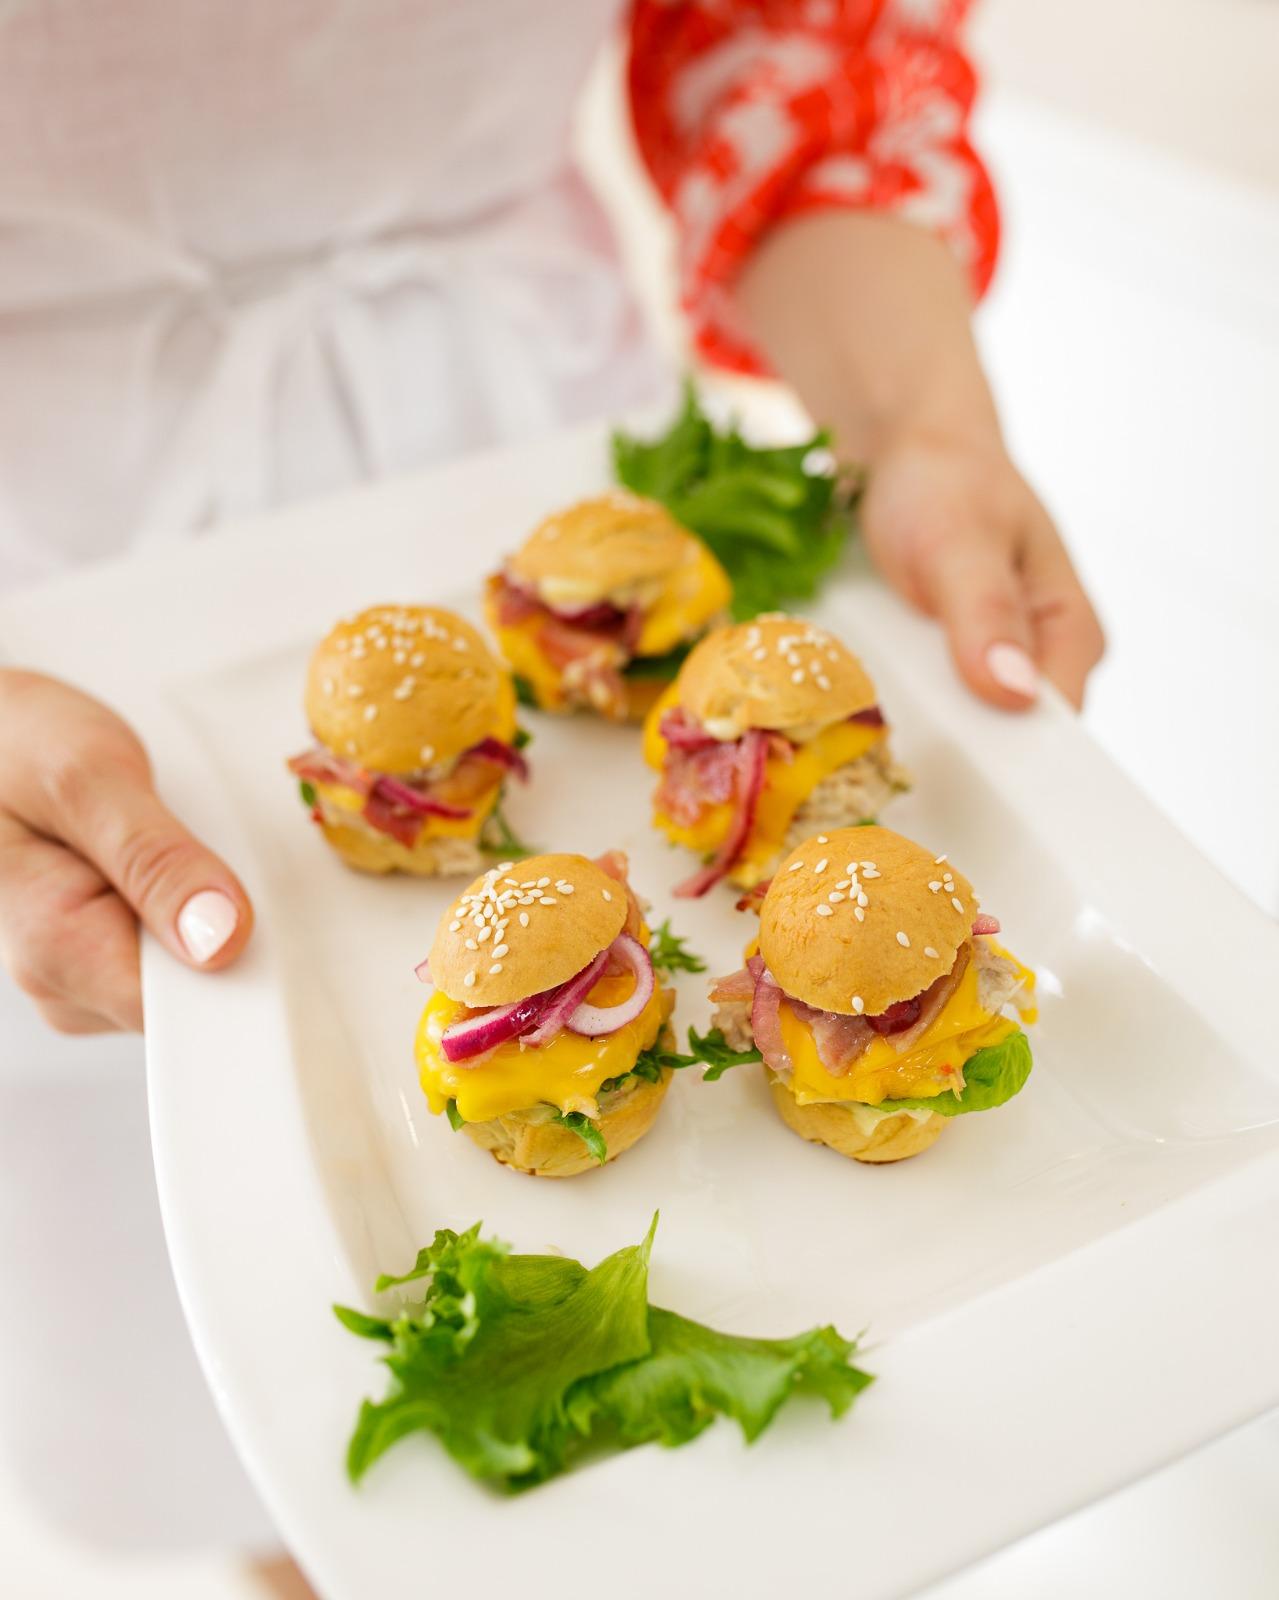 Nämä minihampurilaiset saavat väliinsä mehevän kanatäytteen, jonka voi hyvin valmistaa jo edellisenä päivänä valmiiksi. Nyhtökana valmistuu kanan koipireisiä tai rintaleikettä pitkään hauduttaen.